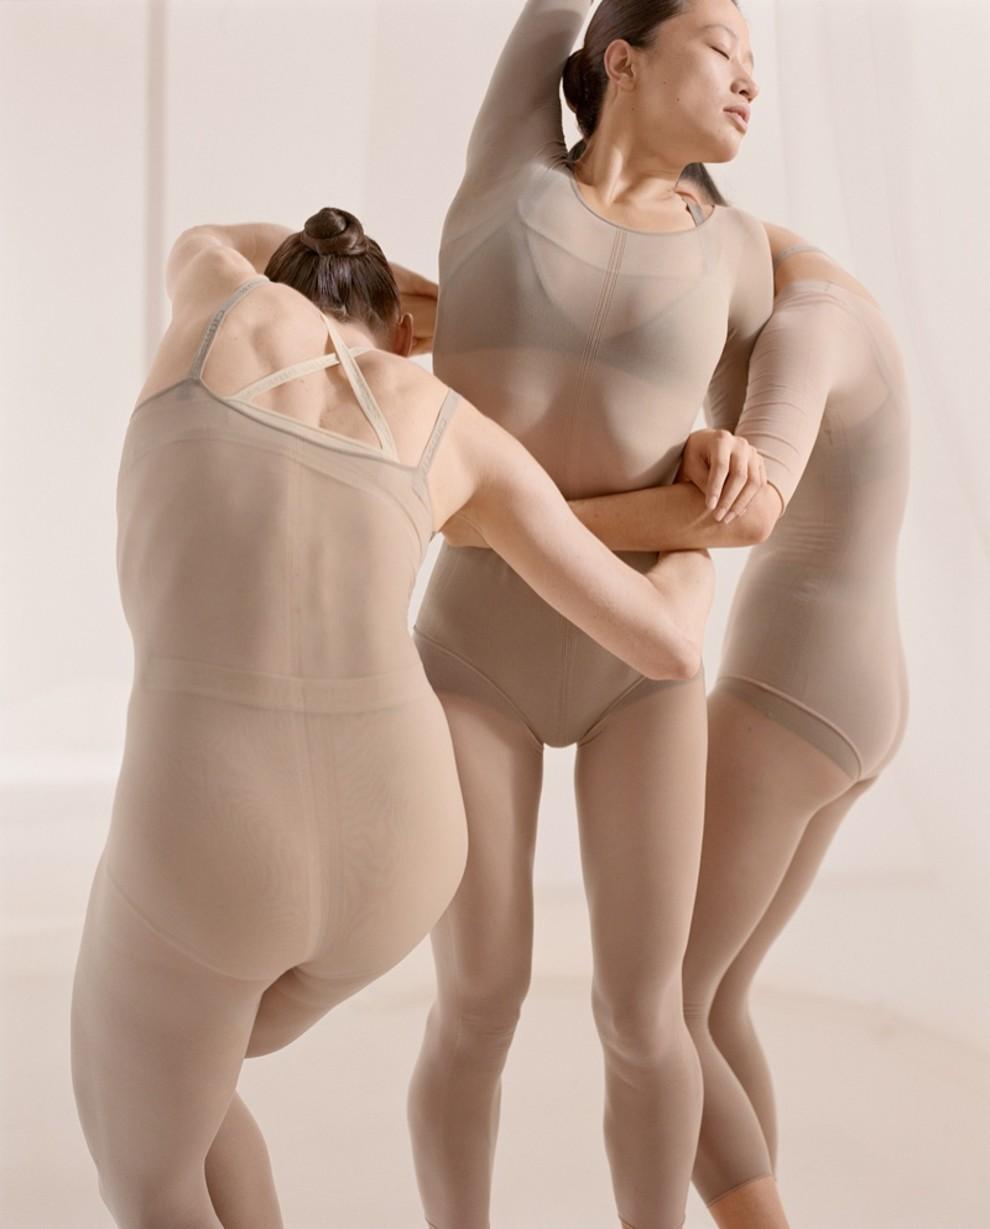 5c2f464728244 - Танцуют все: рекламная кампания Dior